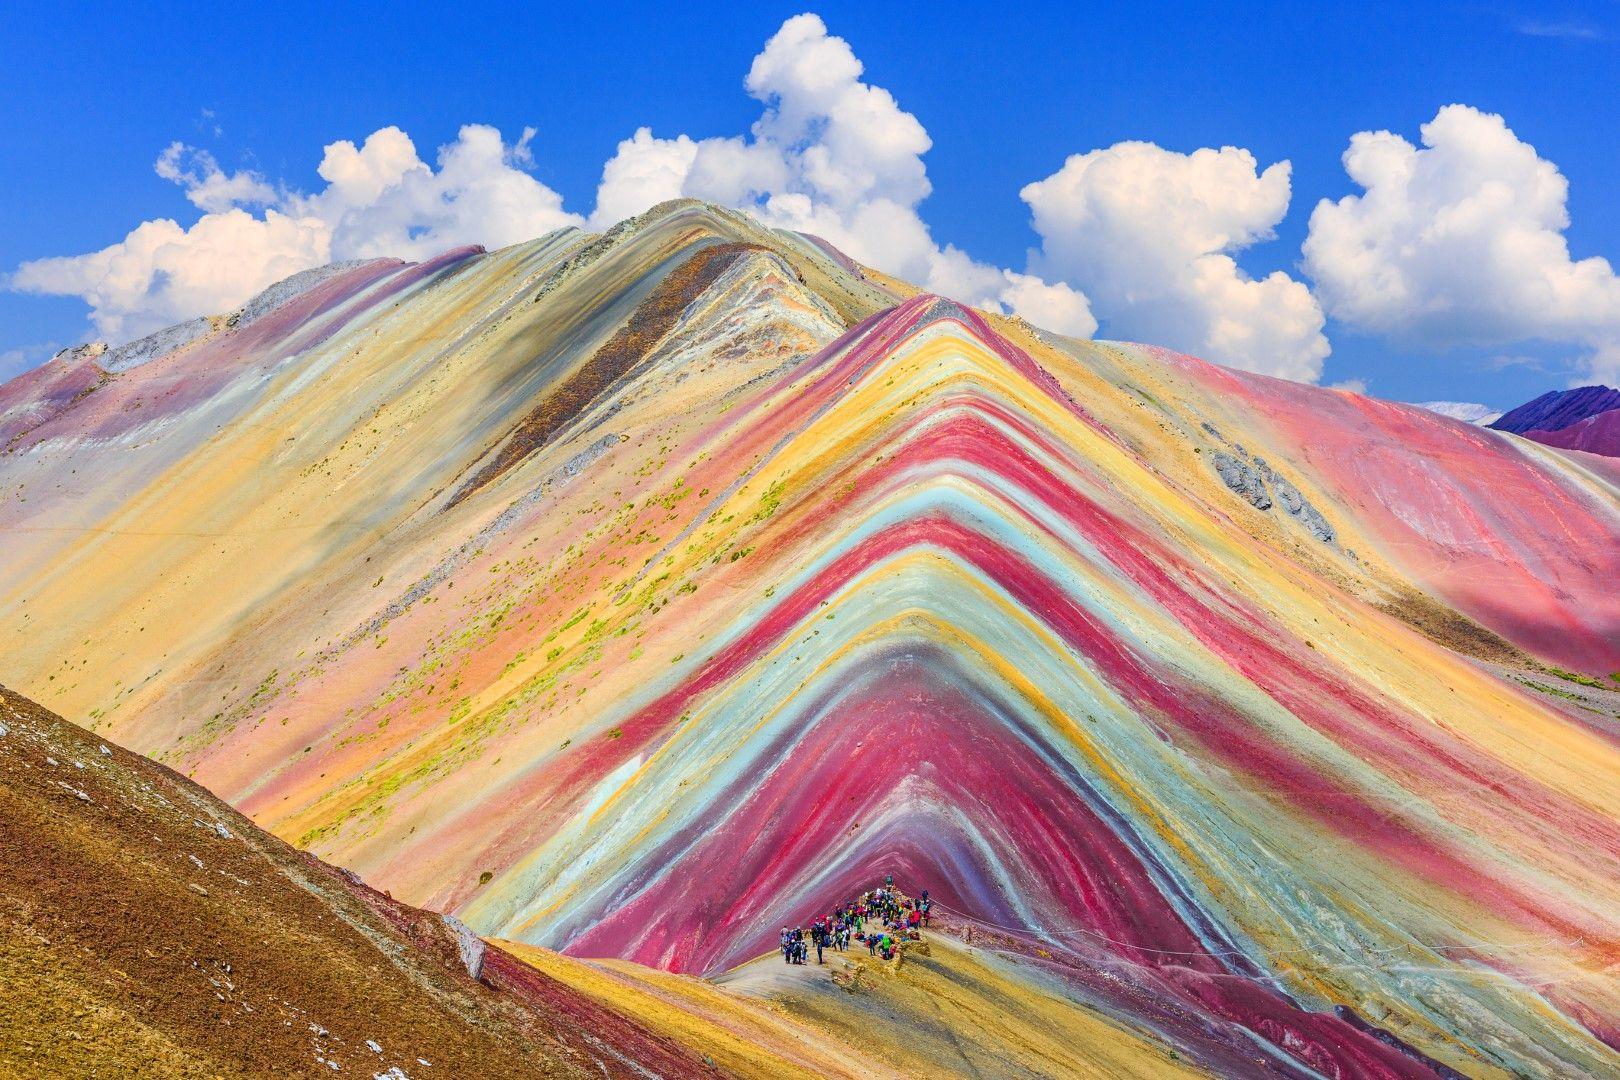 Виникунка или Планината на седемте цвята, Перу